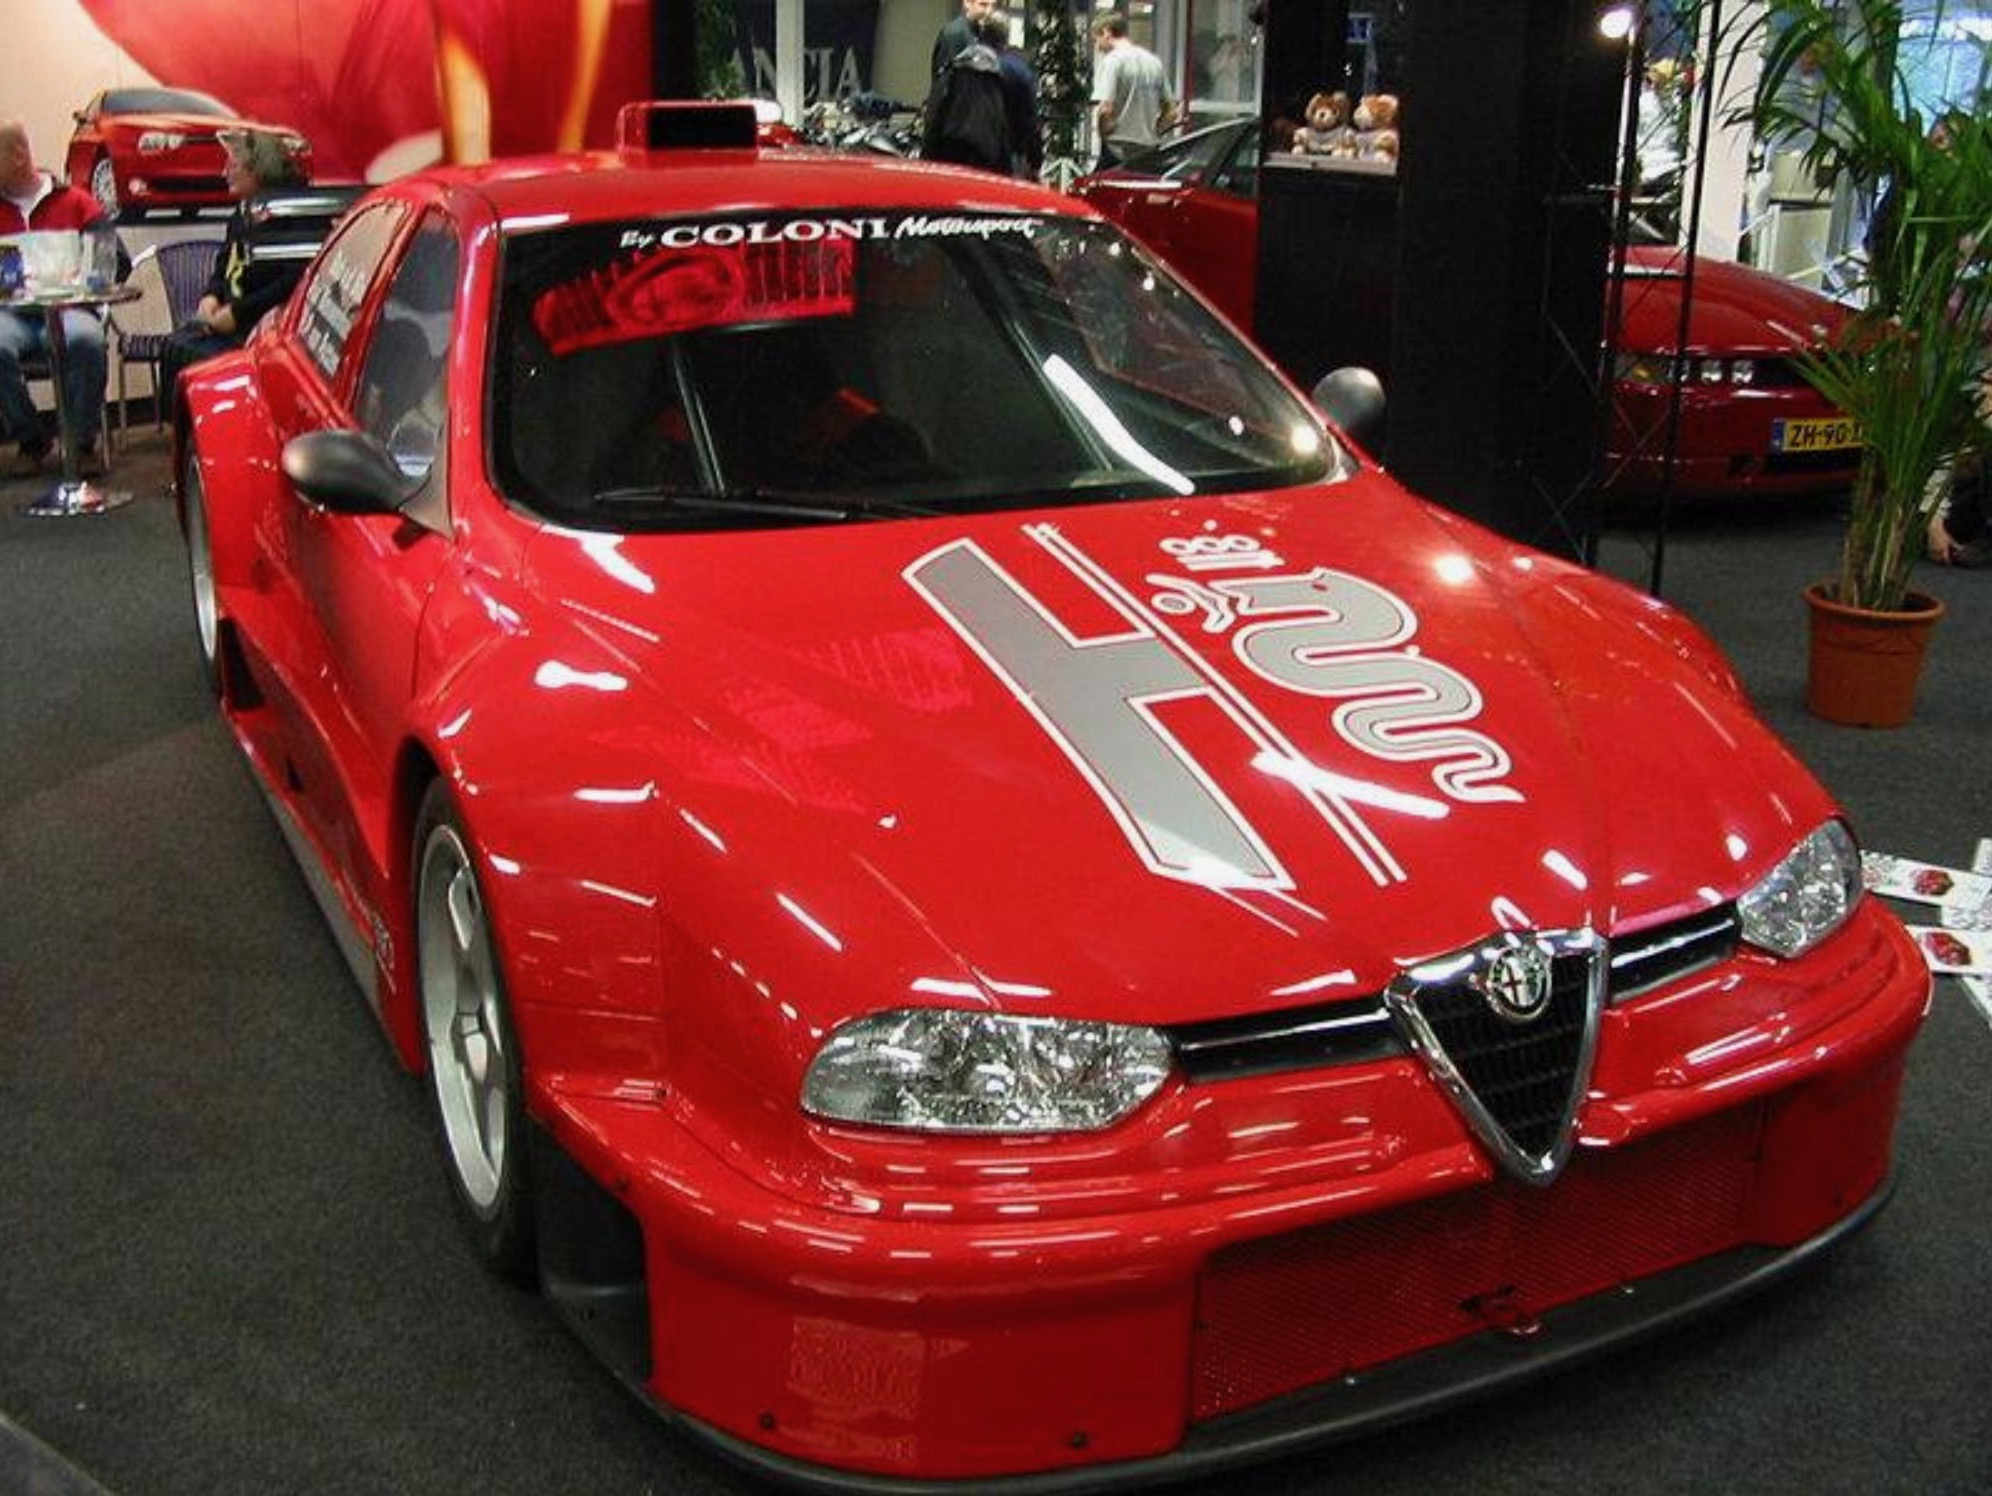 Alfa_Romeo_156_Coloni_S1_0007